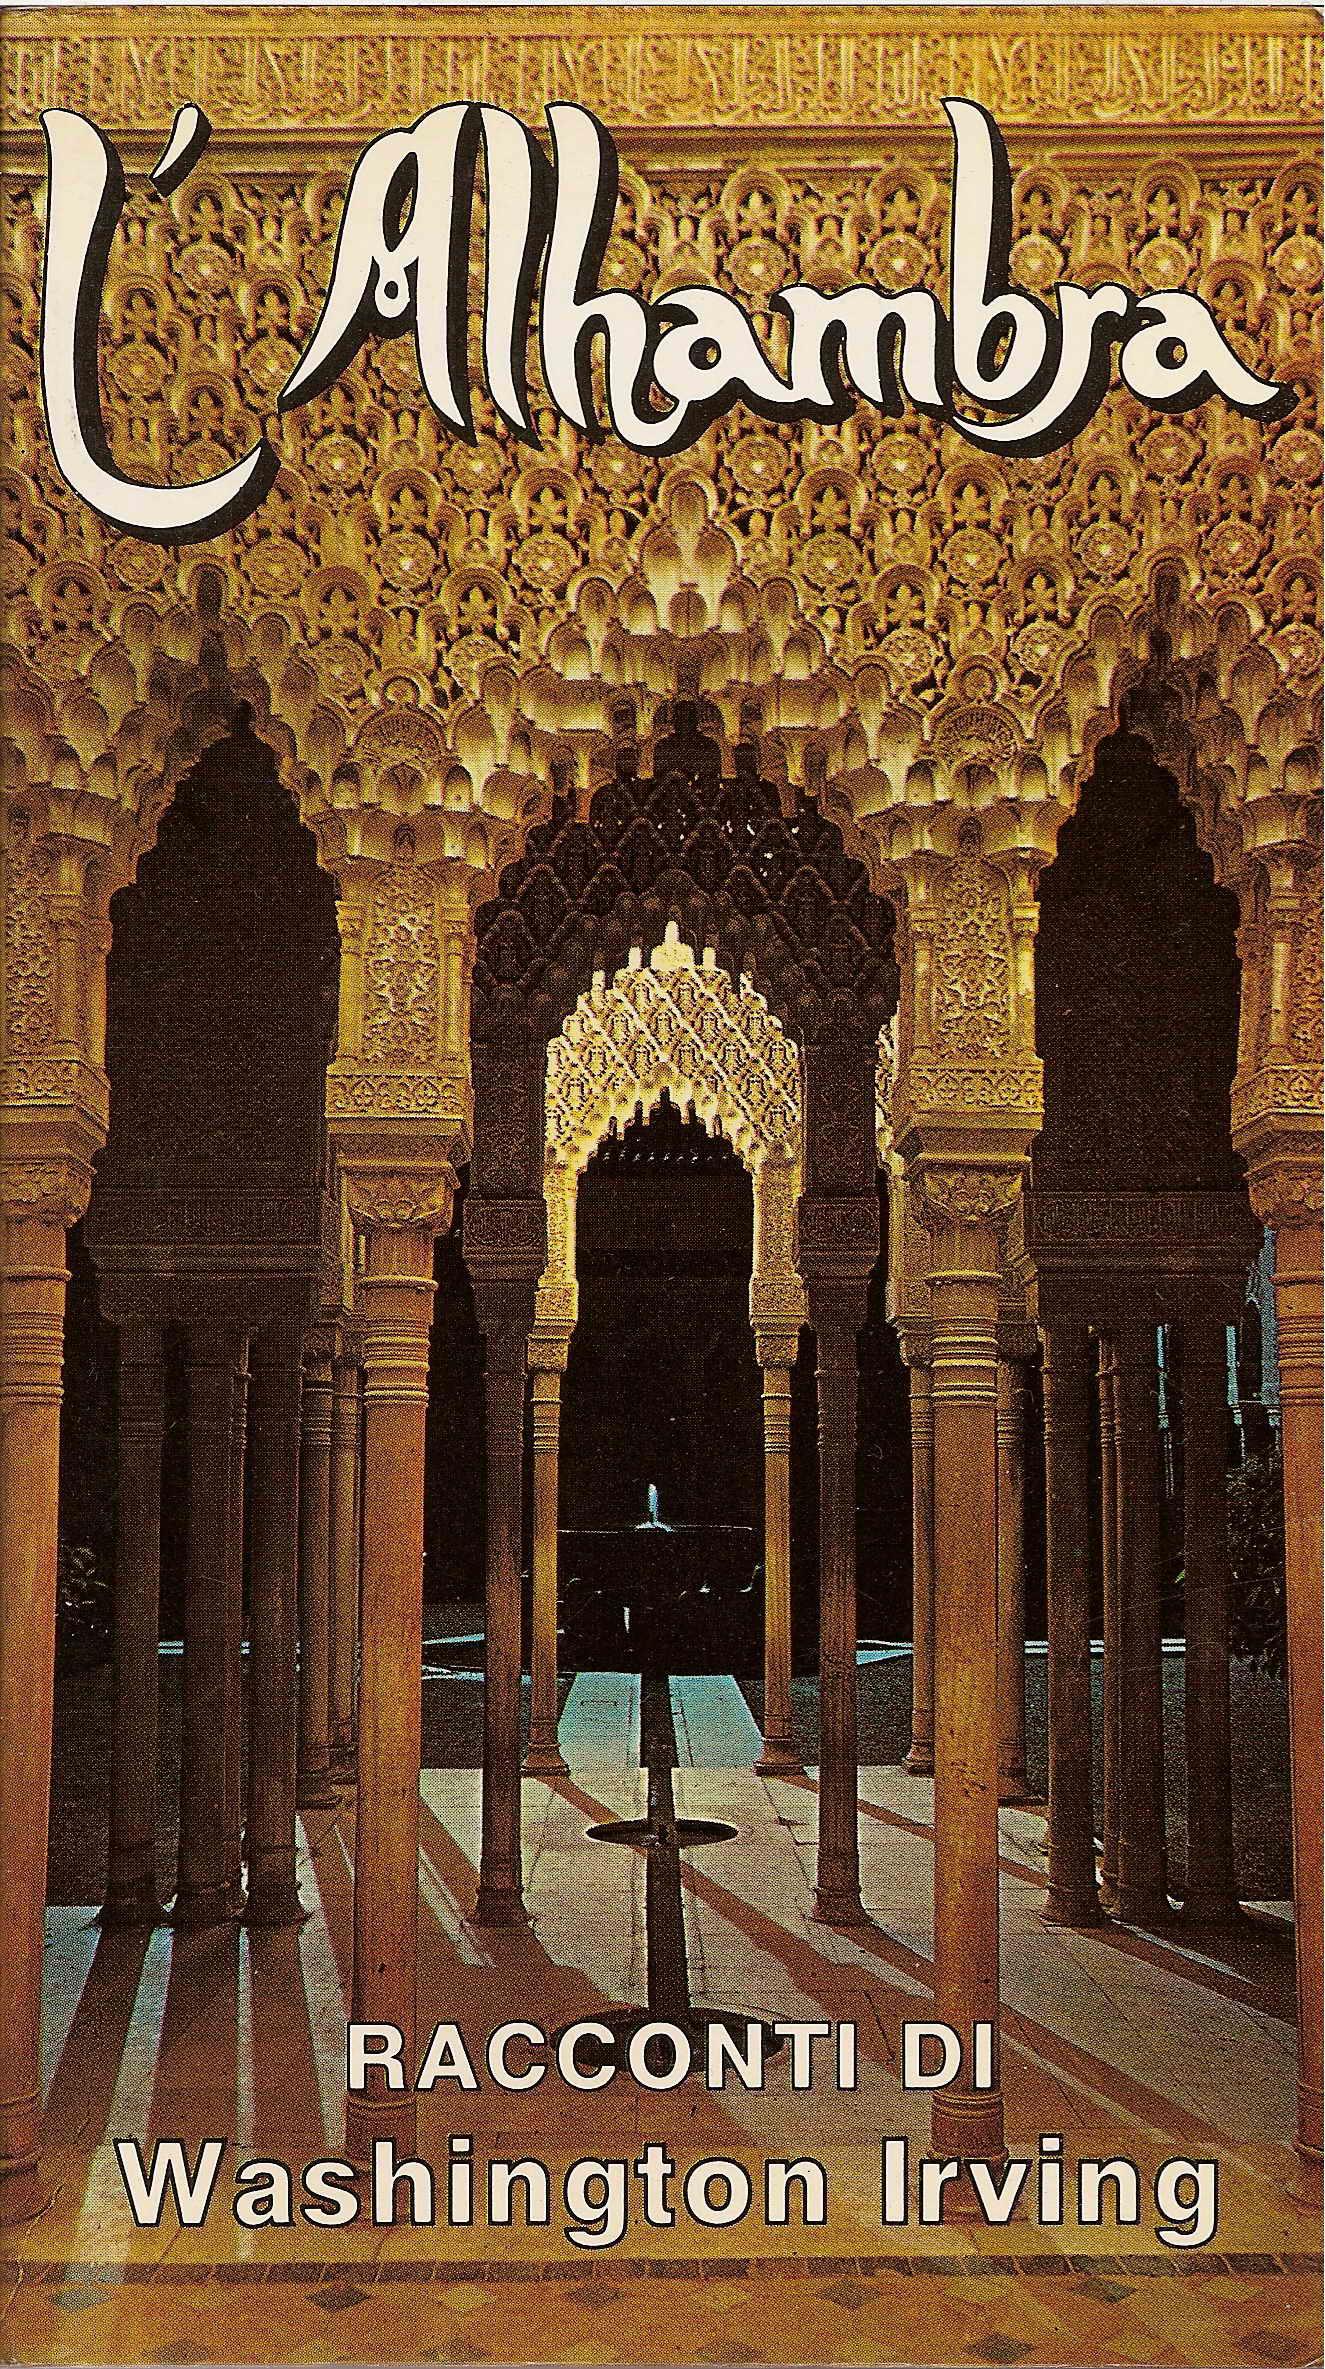 Racconti dell'Alhambra